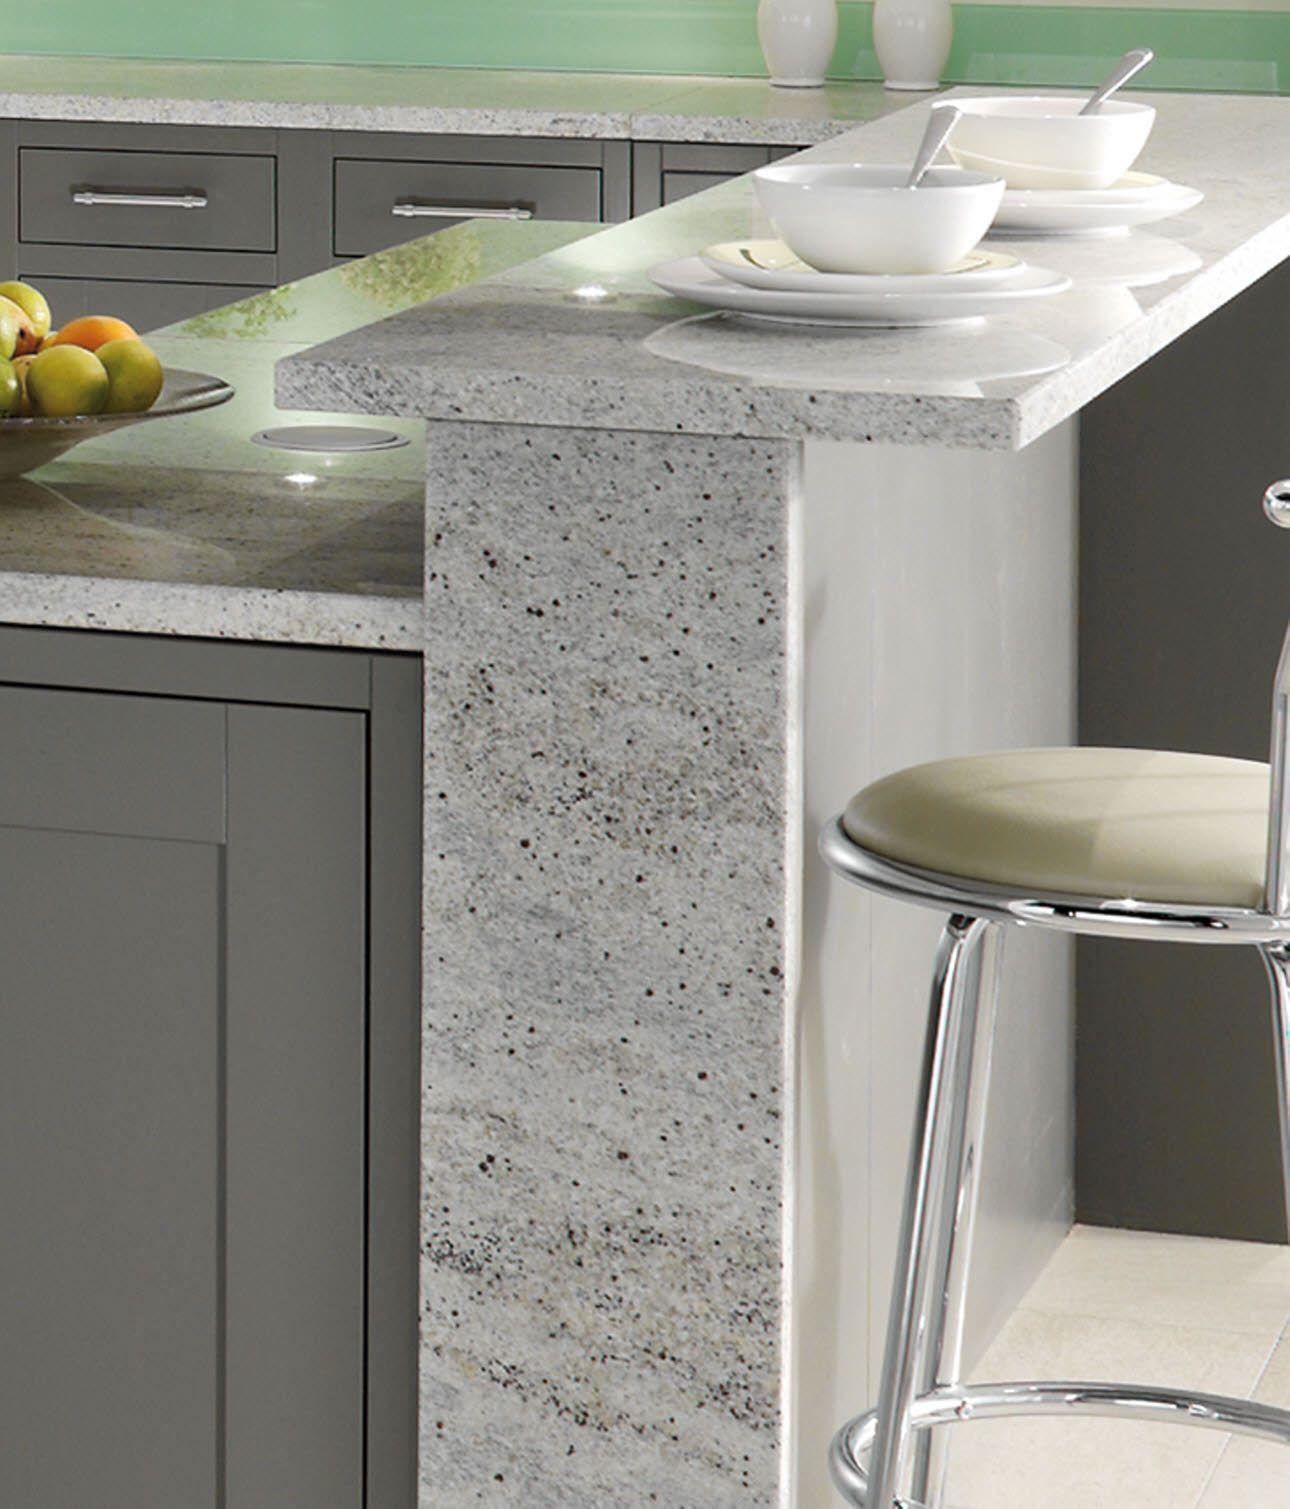 Die kühle Eleganz macht Granit Arbeitsplatten reizvoll